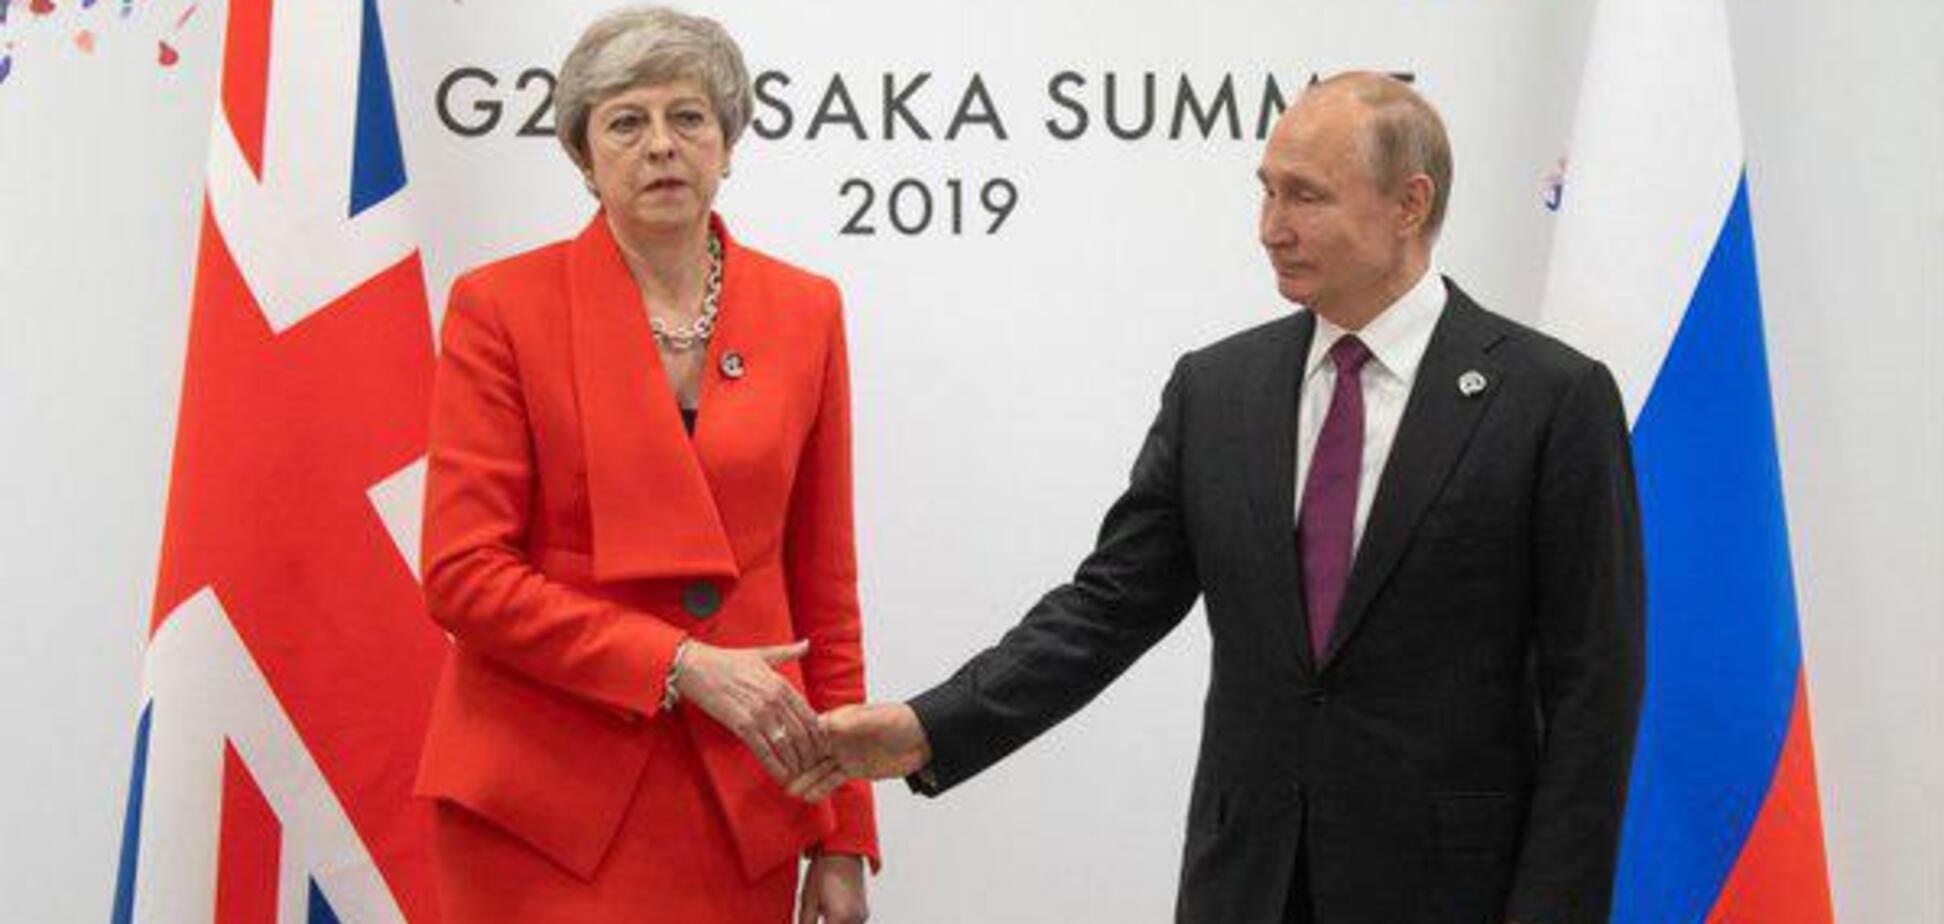 С глазу на глаз: у Путина пожаловались на жесткий разговор с Мэй по Скрипалям